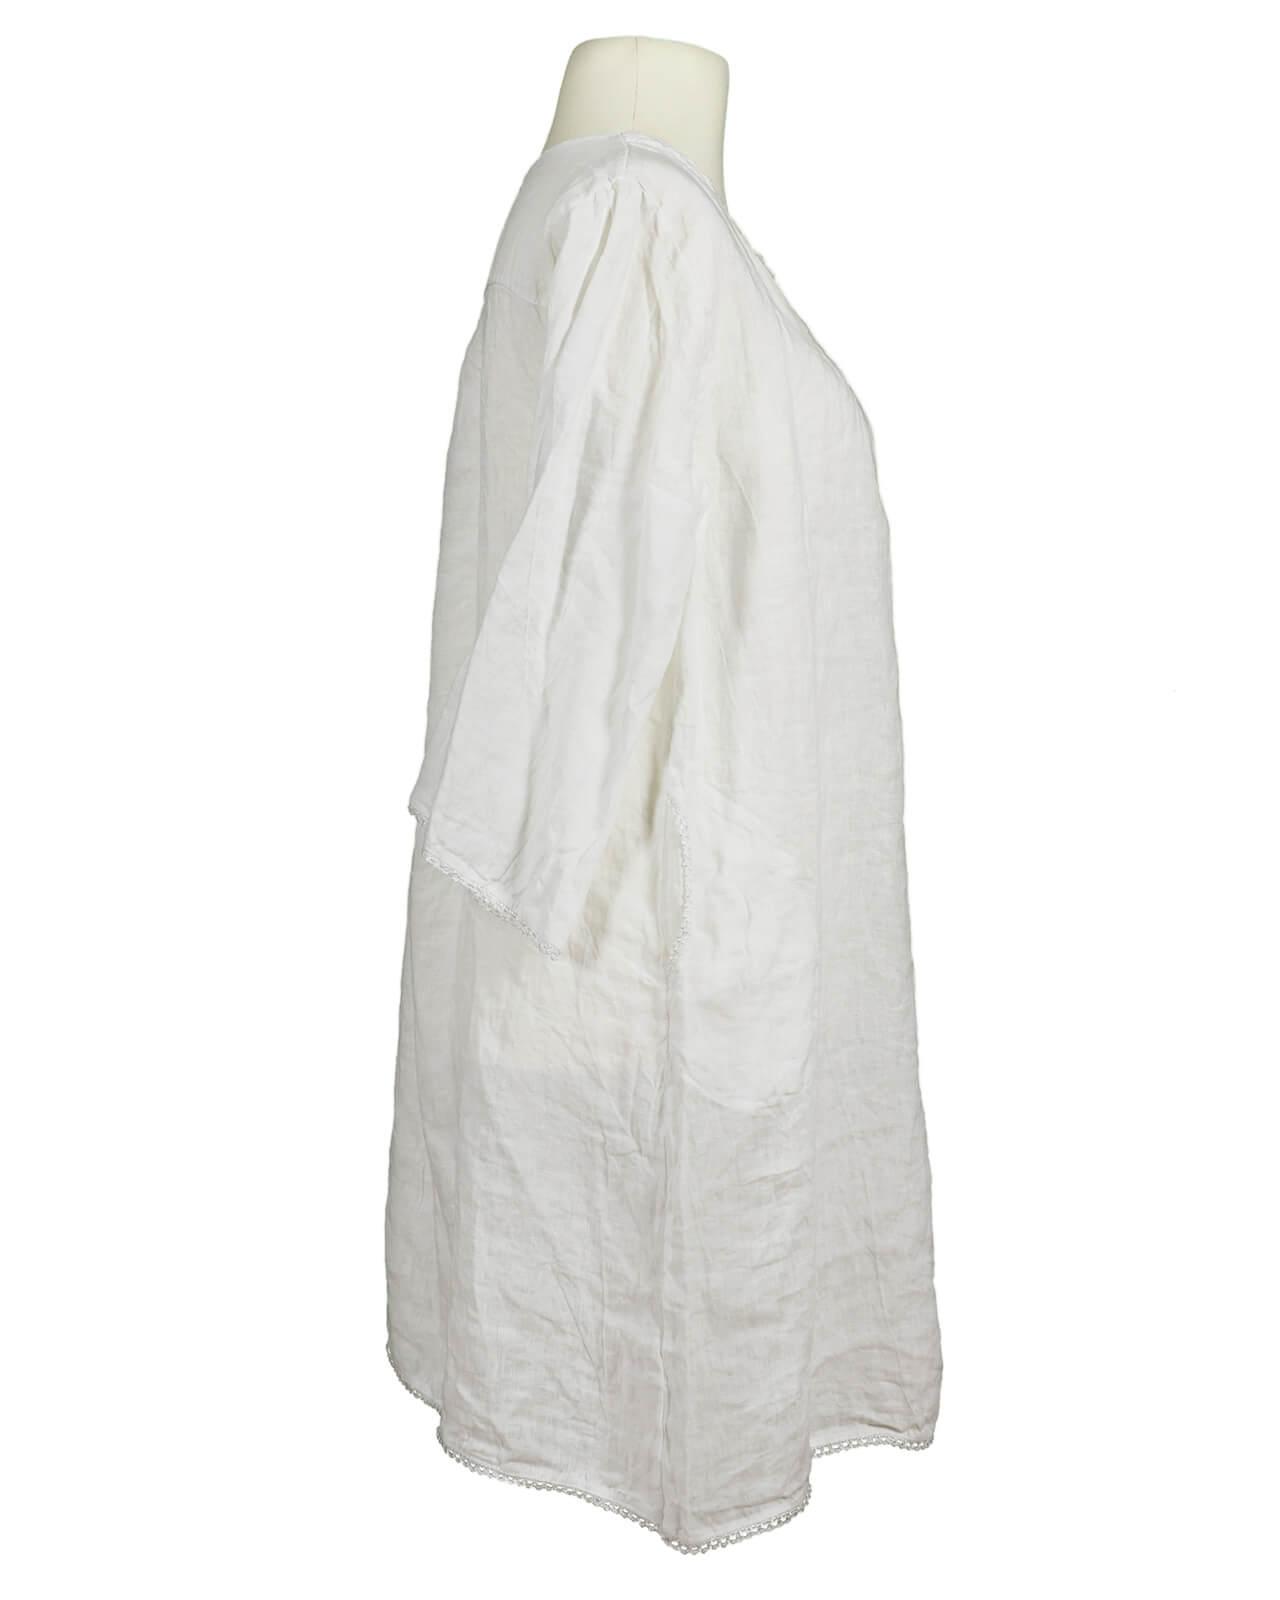 Tunika Kleid aus Leinen, weiss   Puro Lino